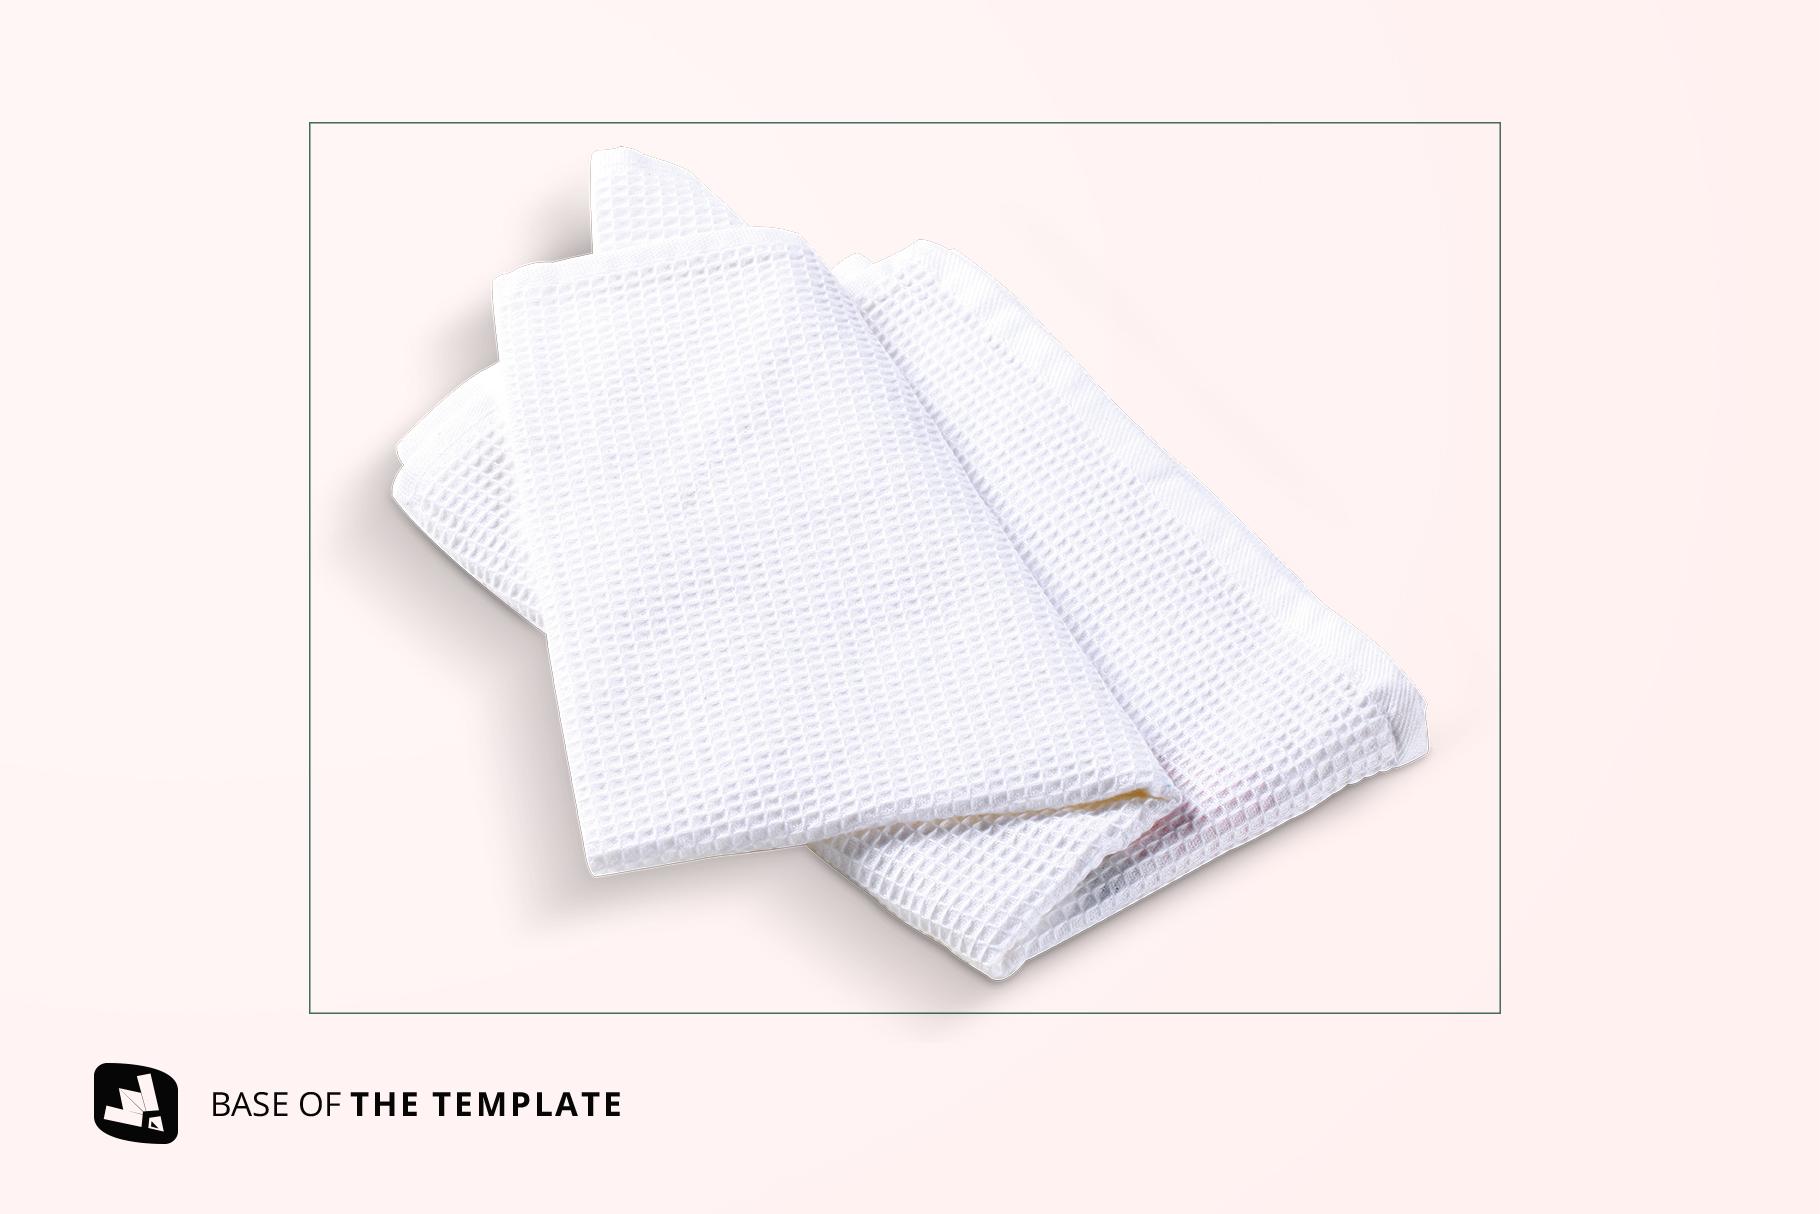 base image of the kitchen washcloth mockup